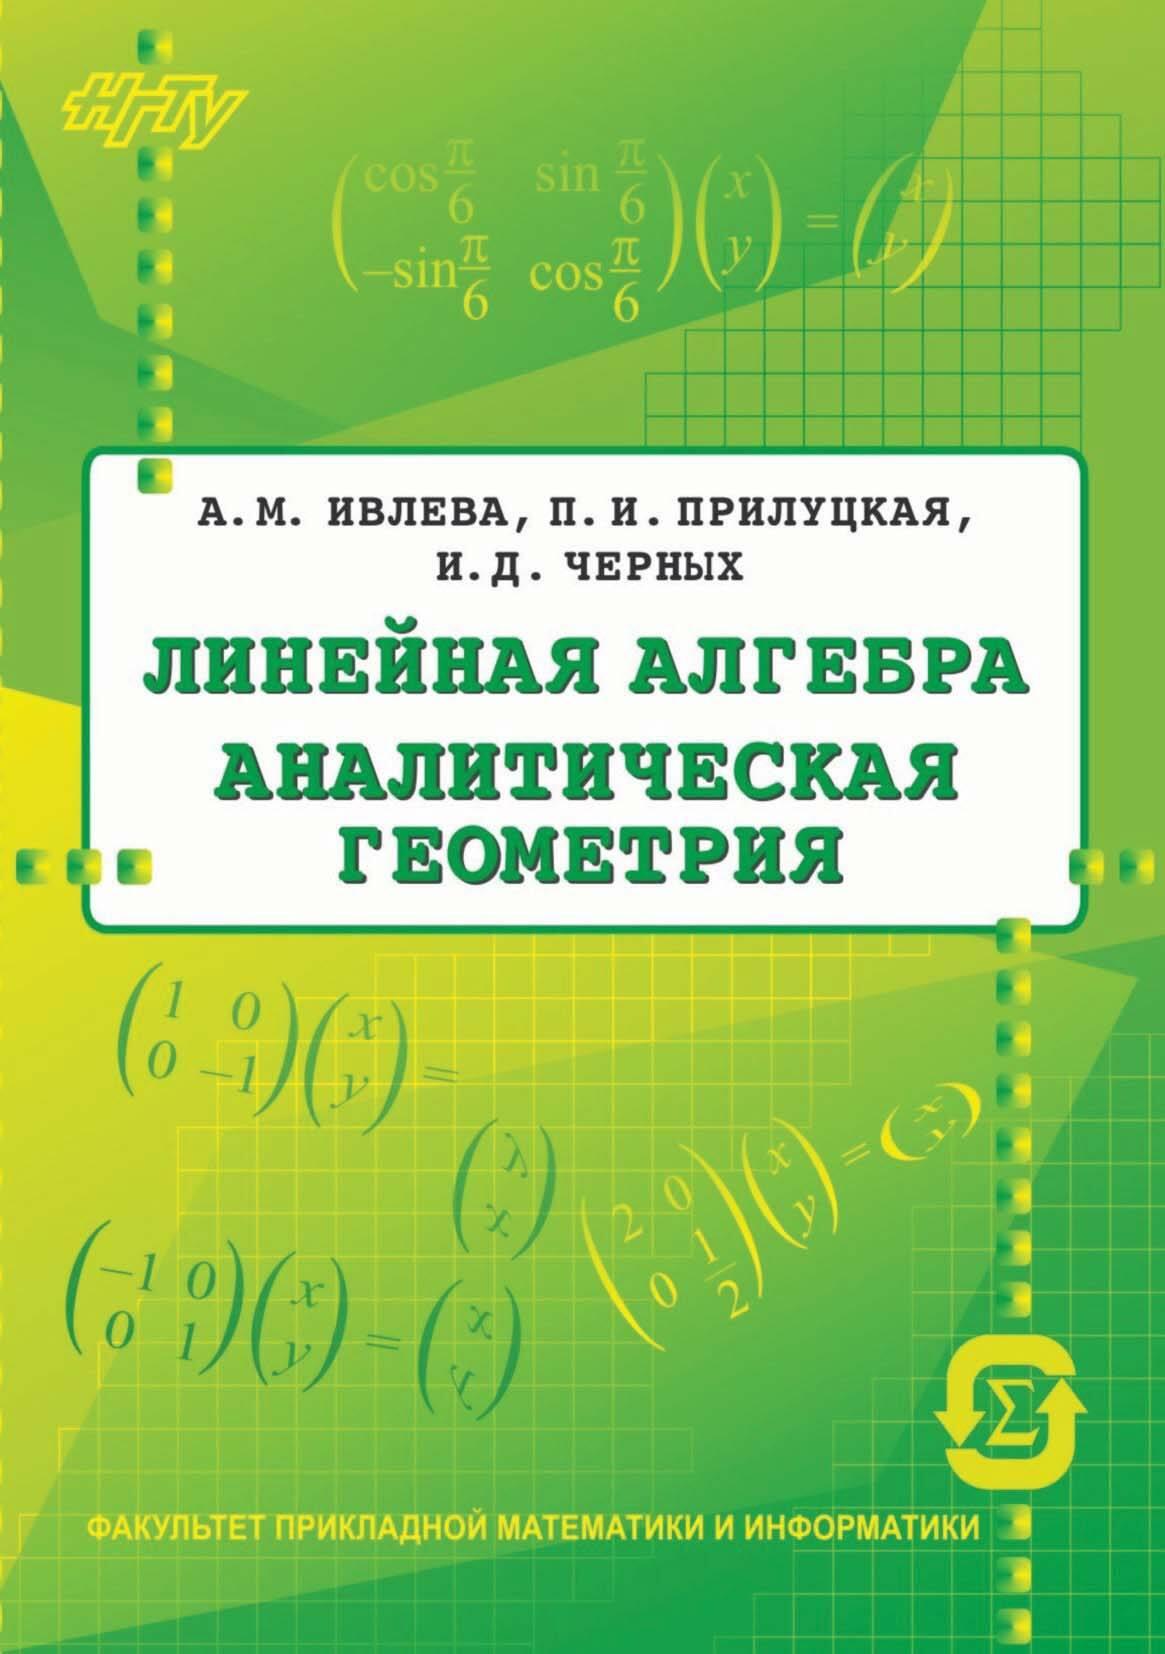 П. Прилуцкая Линейная алгебра. Аналитическая геометрия аналитическая геометрия и линейная алгебра сборник задач